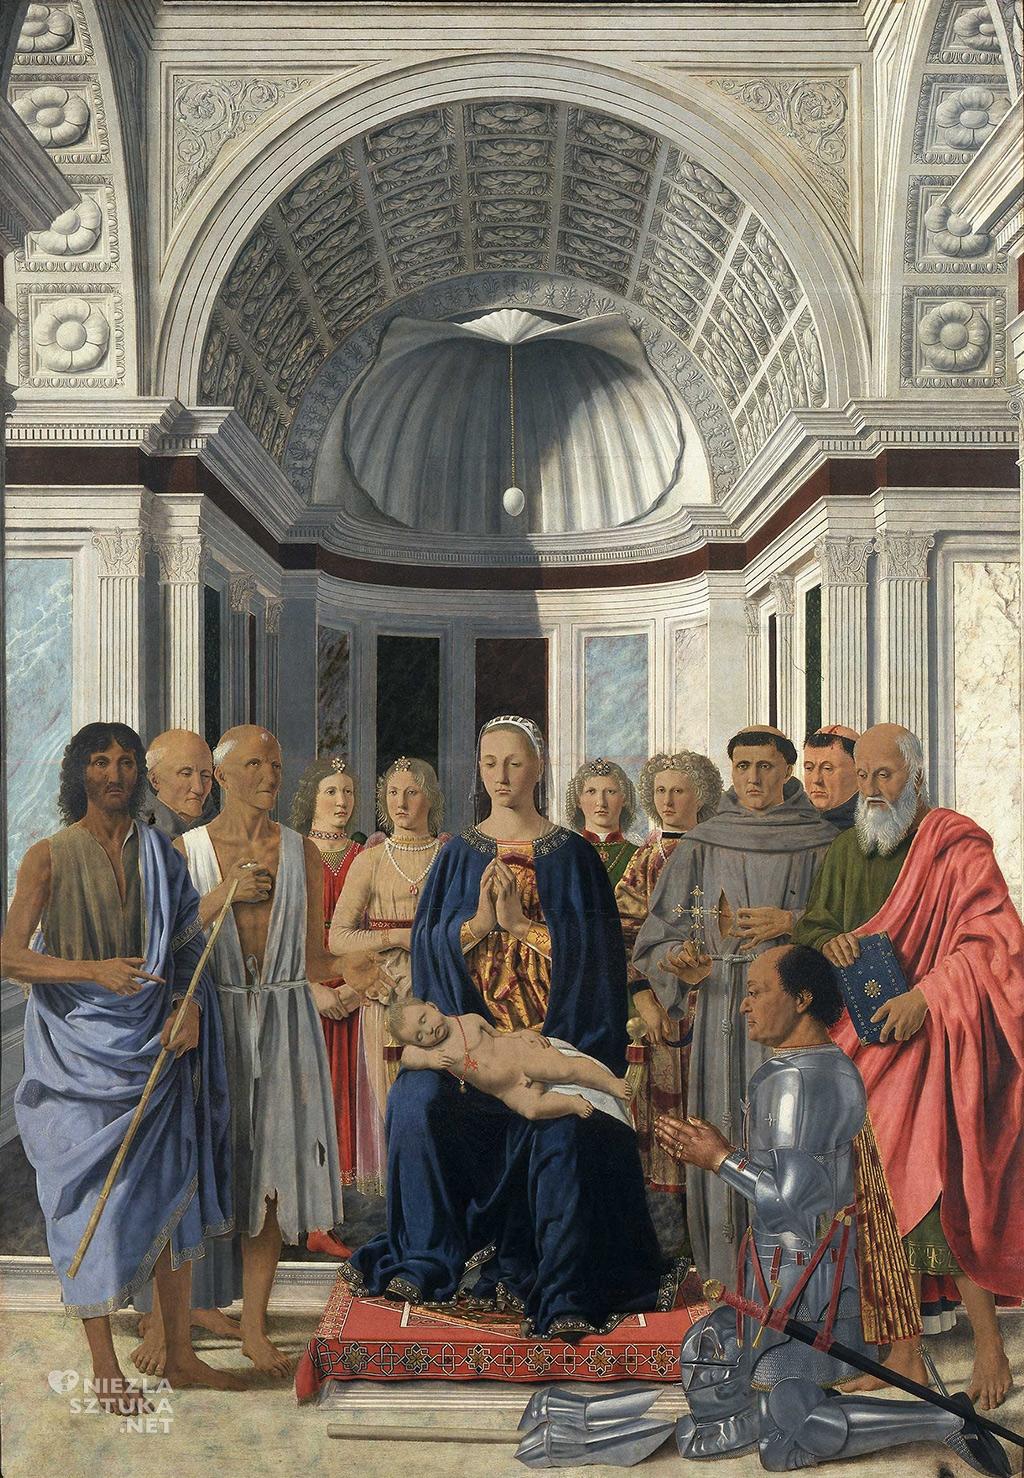 Piero della Francesca, Madonna z Dzieciątkiem w otoczeniu świętych, Sacra Conversazione